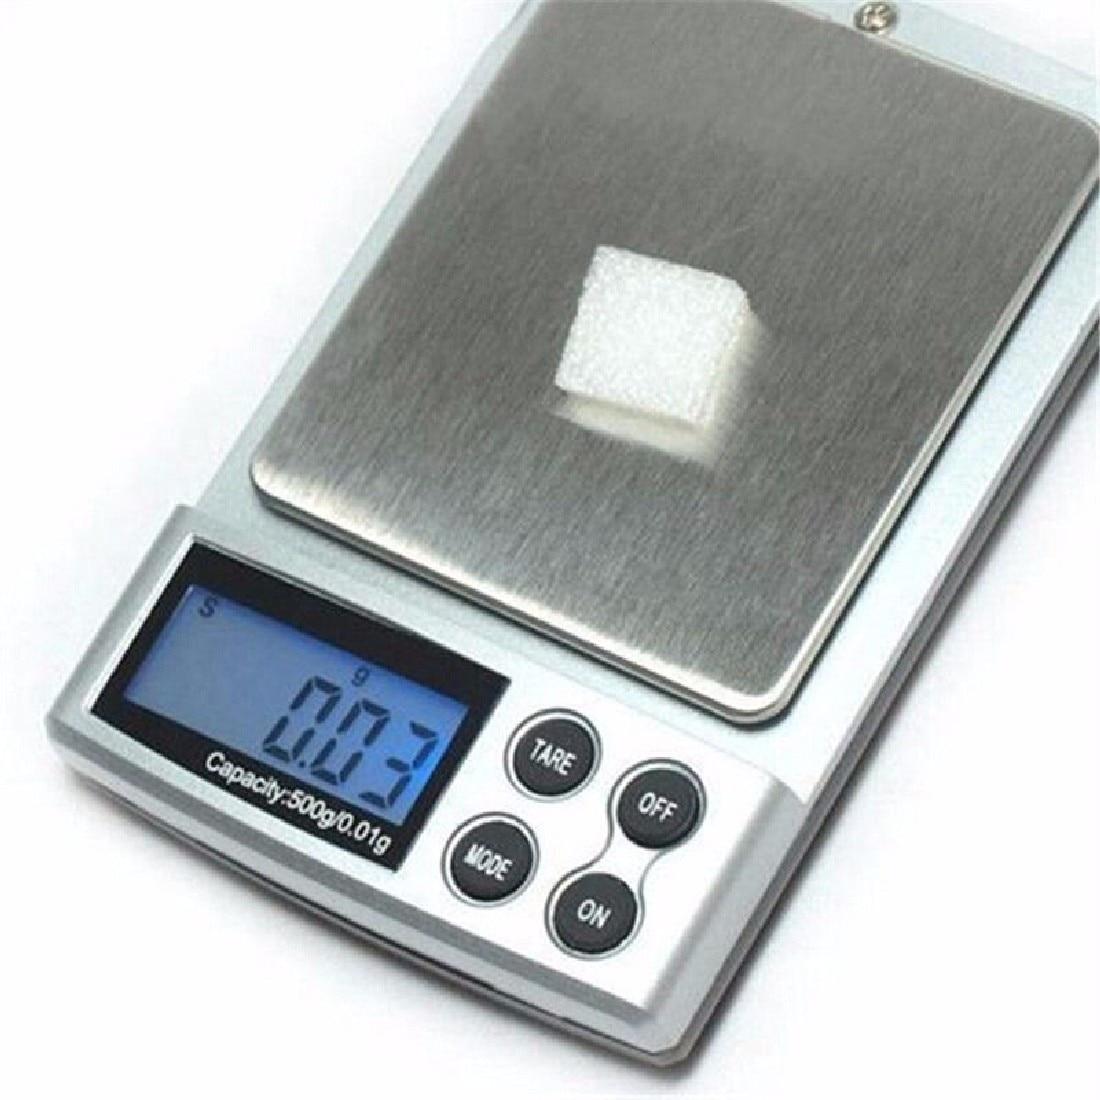 1 szt. 500g x 0,01g Cyfrowa skala precyzji Złoto Srebro Biżuteria Waga Waga Wagi Wyświetlacz LCD Kieszonkowe wagi elektroniczne